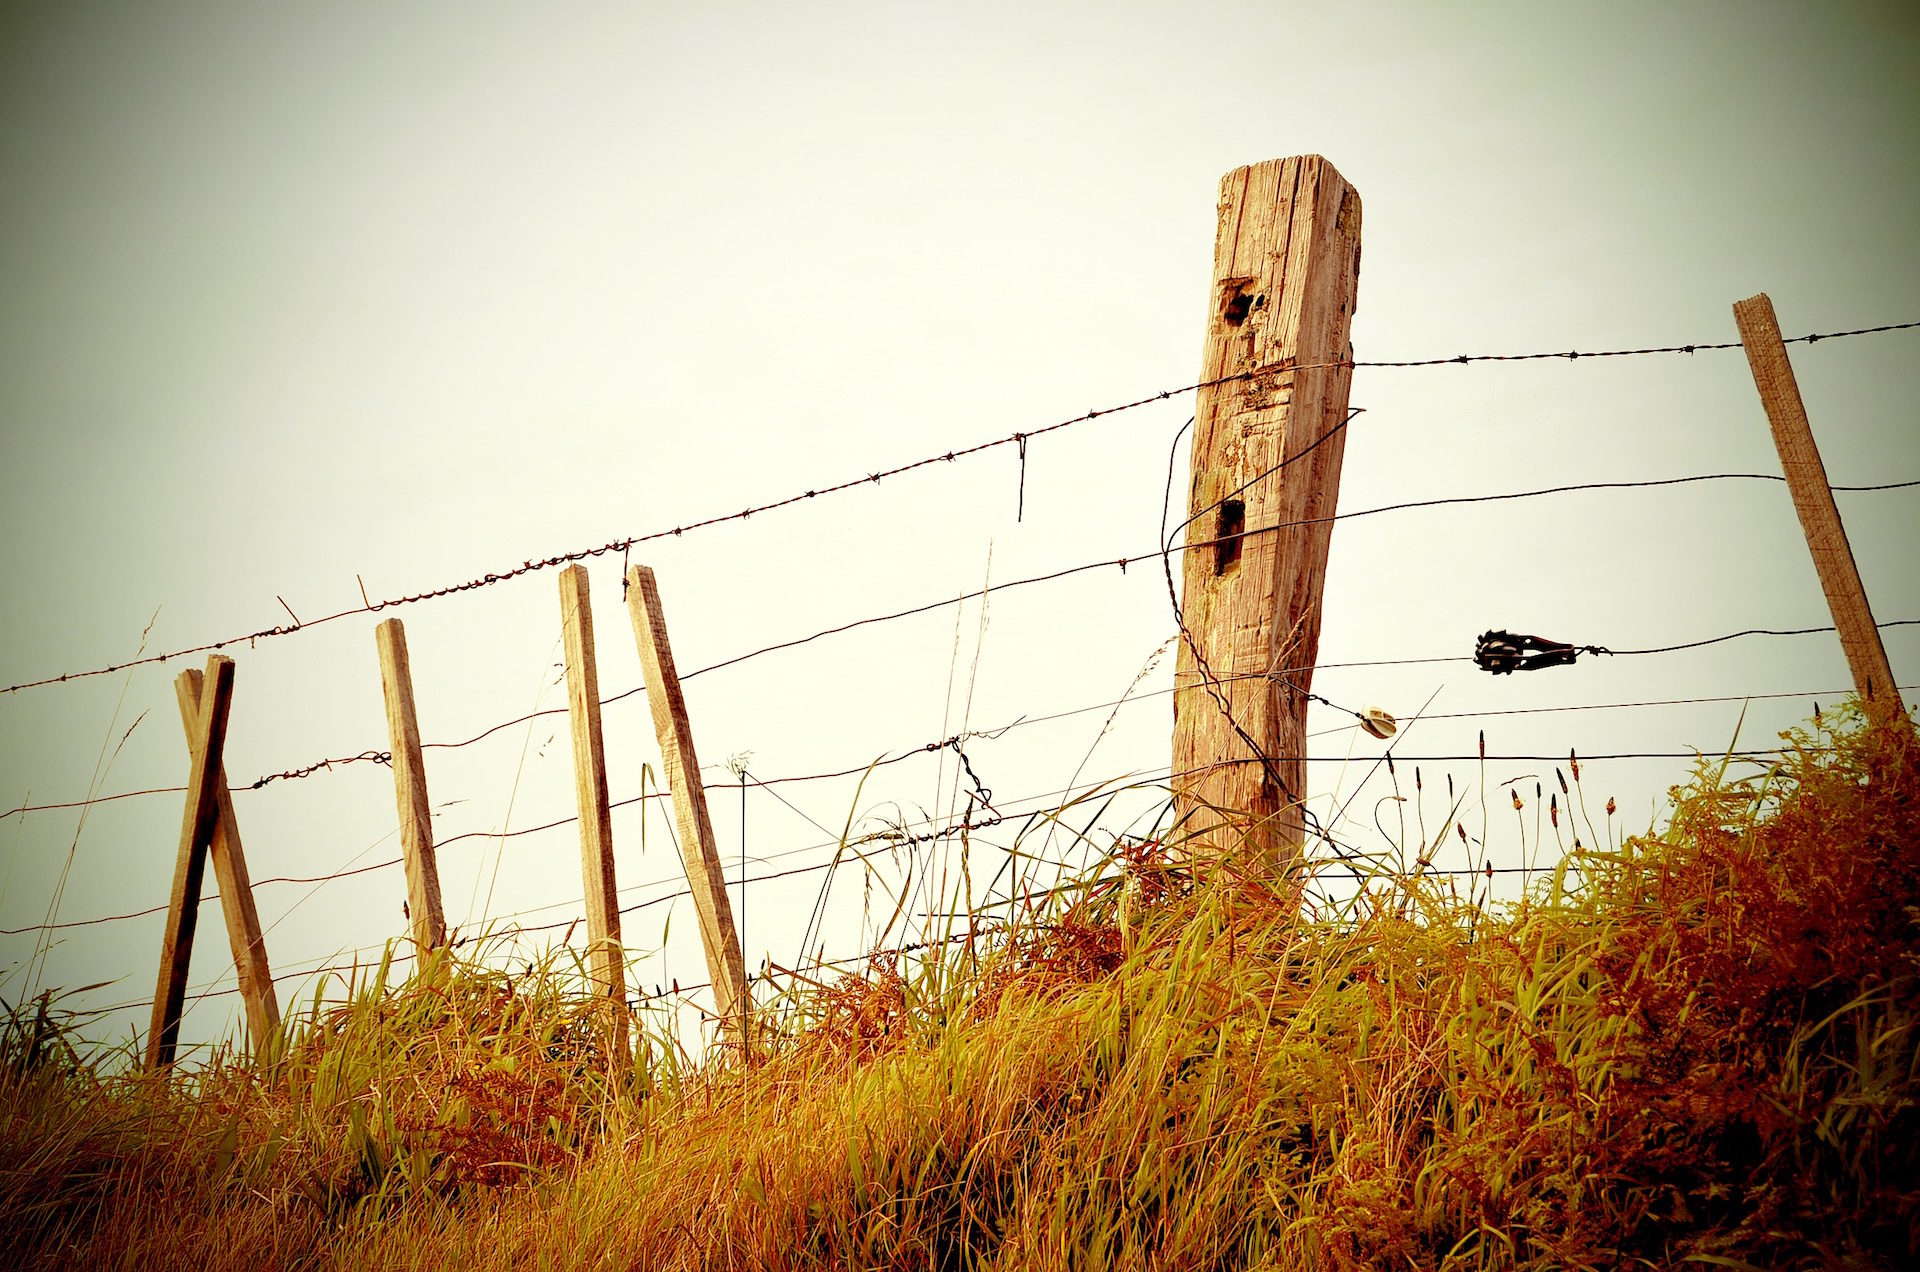 recinzione, chiudere, filo, rotto, vecchio - Sfondi HD - Professor-falken.com